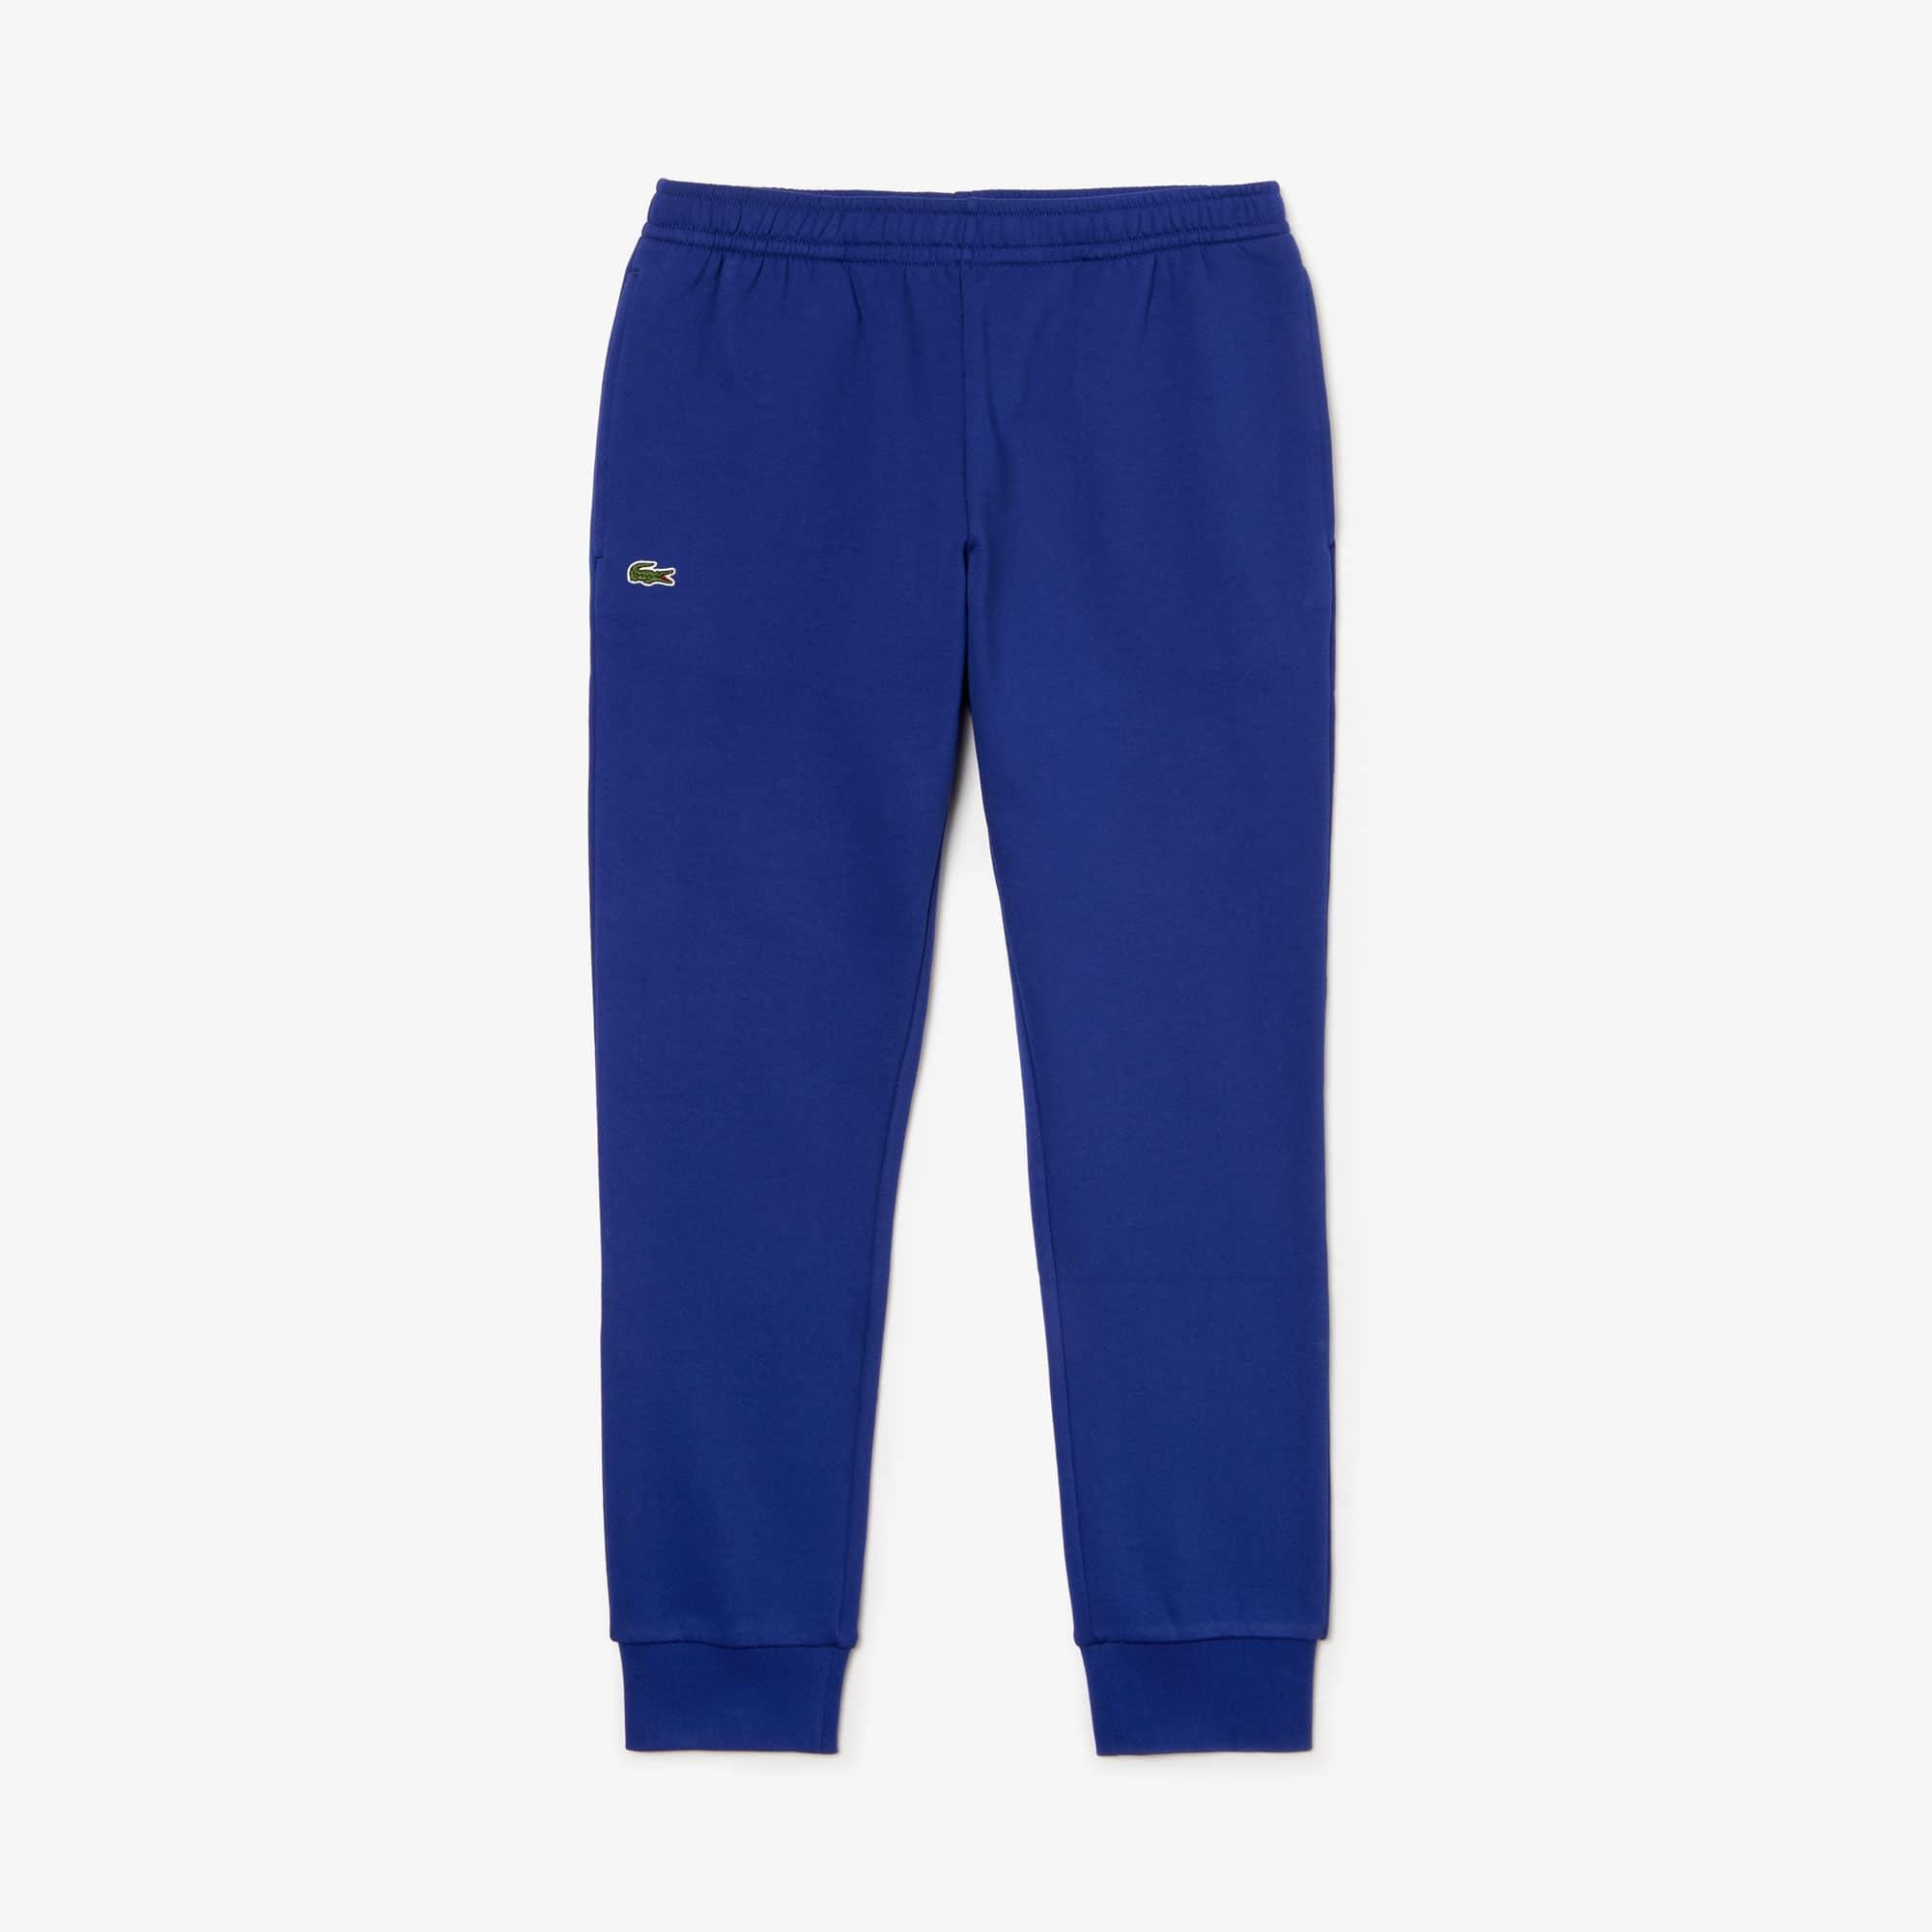 d4fa1b4c Men's Lacoste SPORT Lettering Colourblock Sweatpants. £90.00. + 10 colours